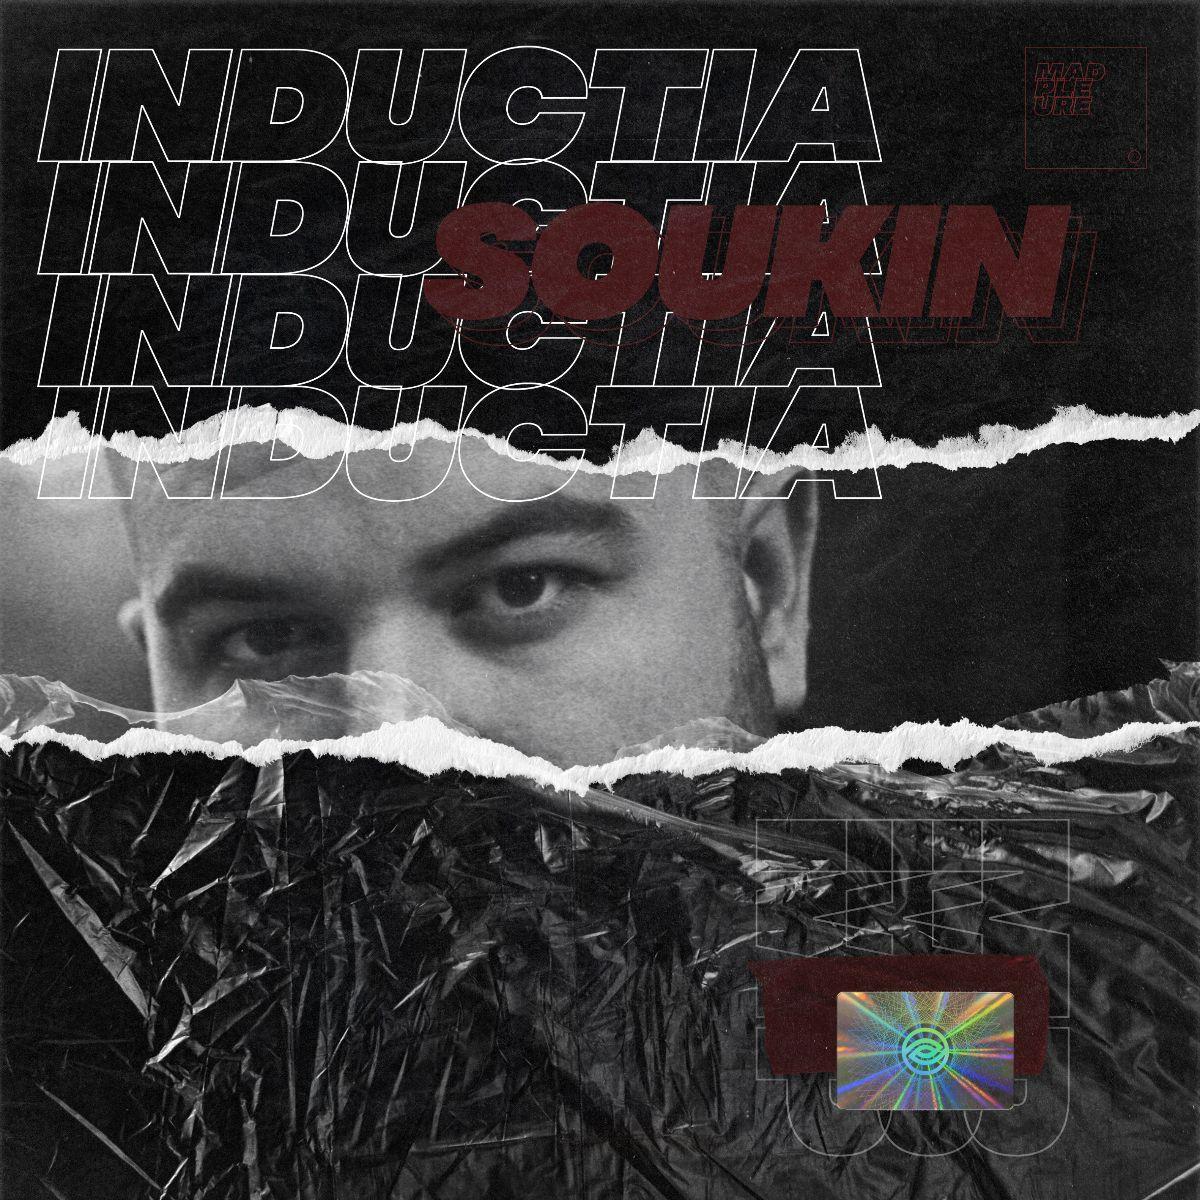 Soukin presenta 'Inductia': barras, códigos y talento